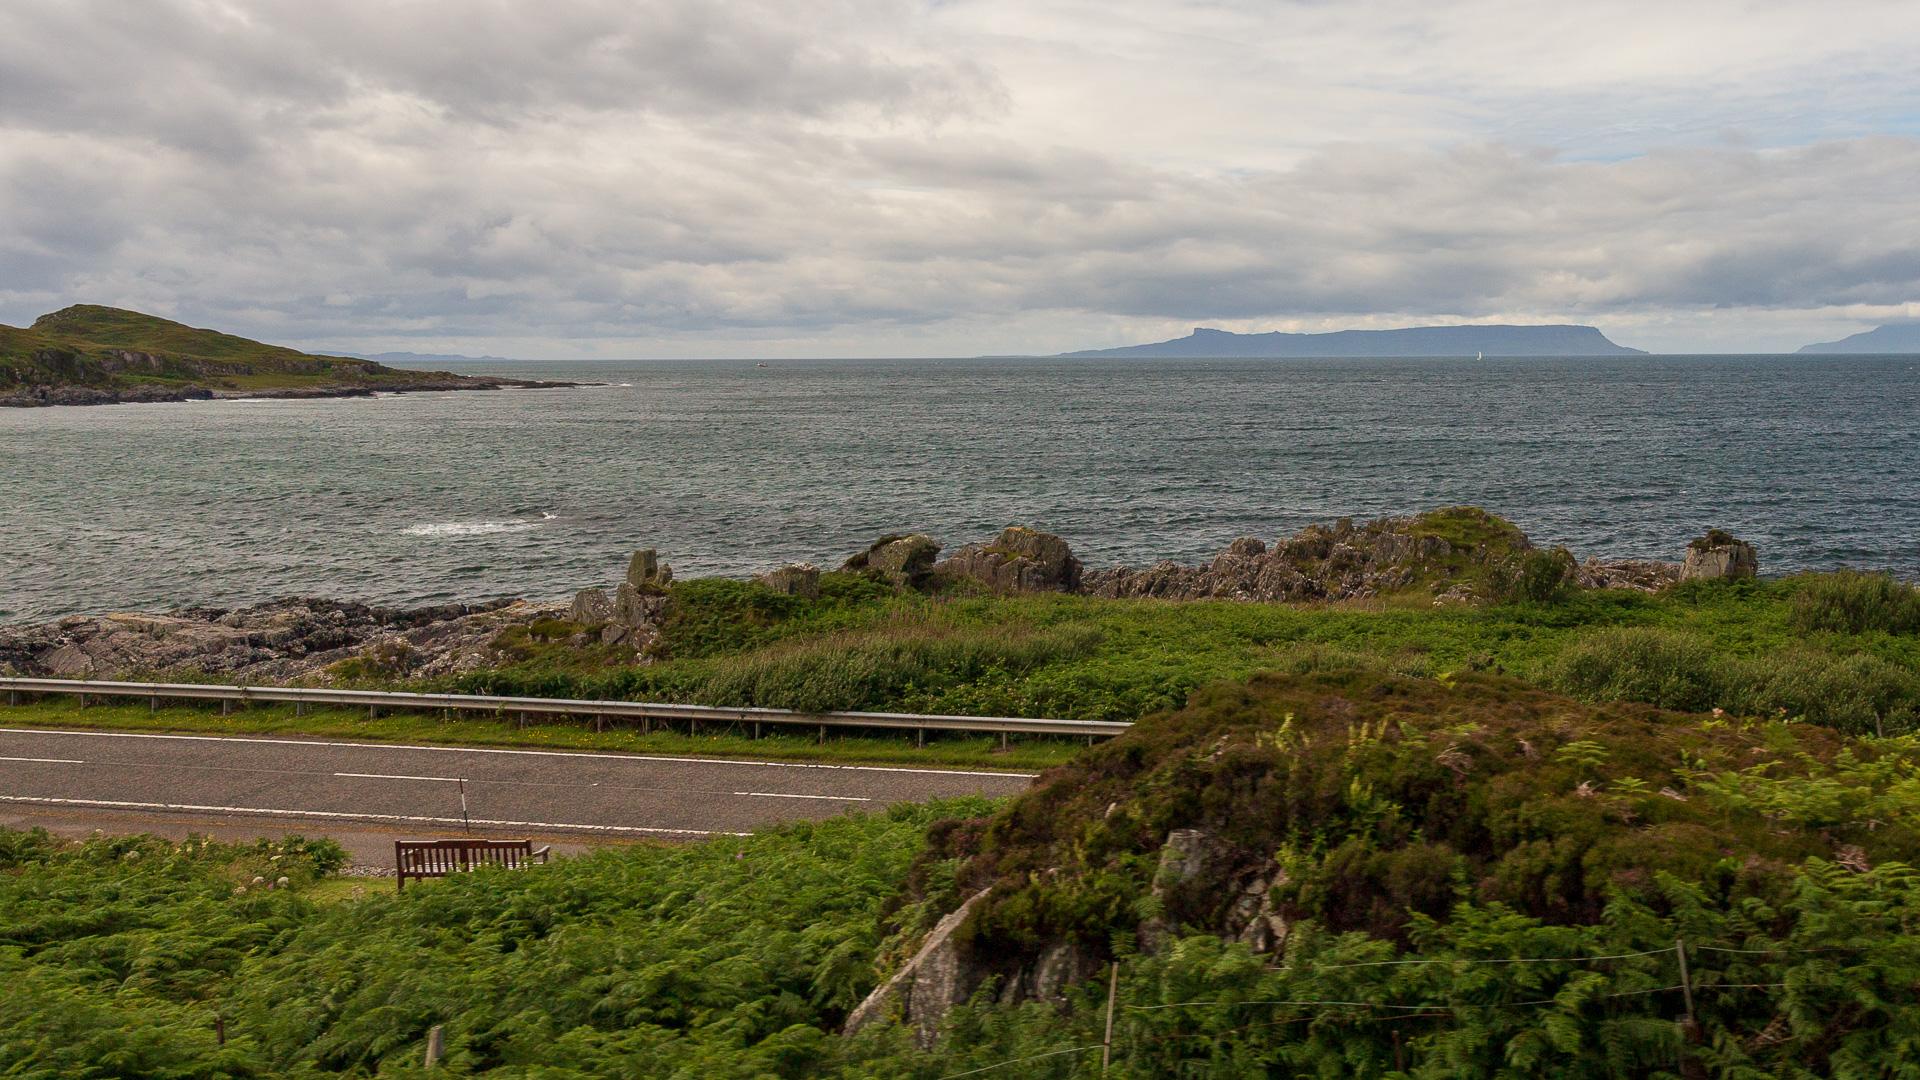 Die Road to the Isles und in der Ferne die Inseln des Westens